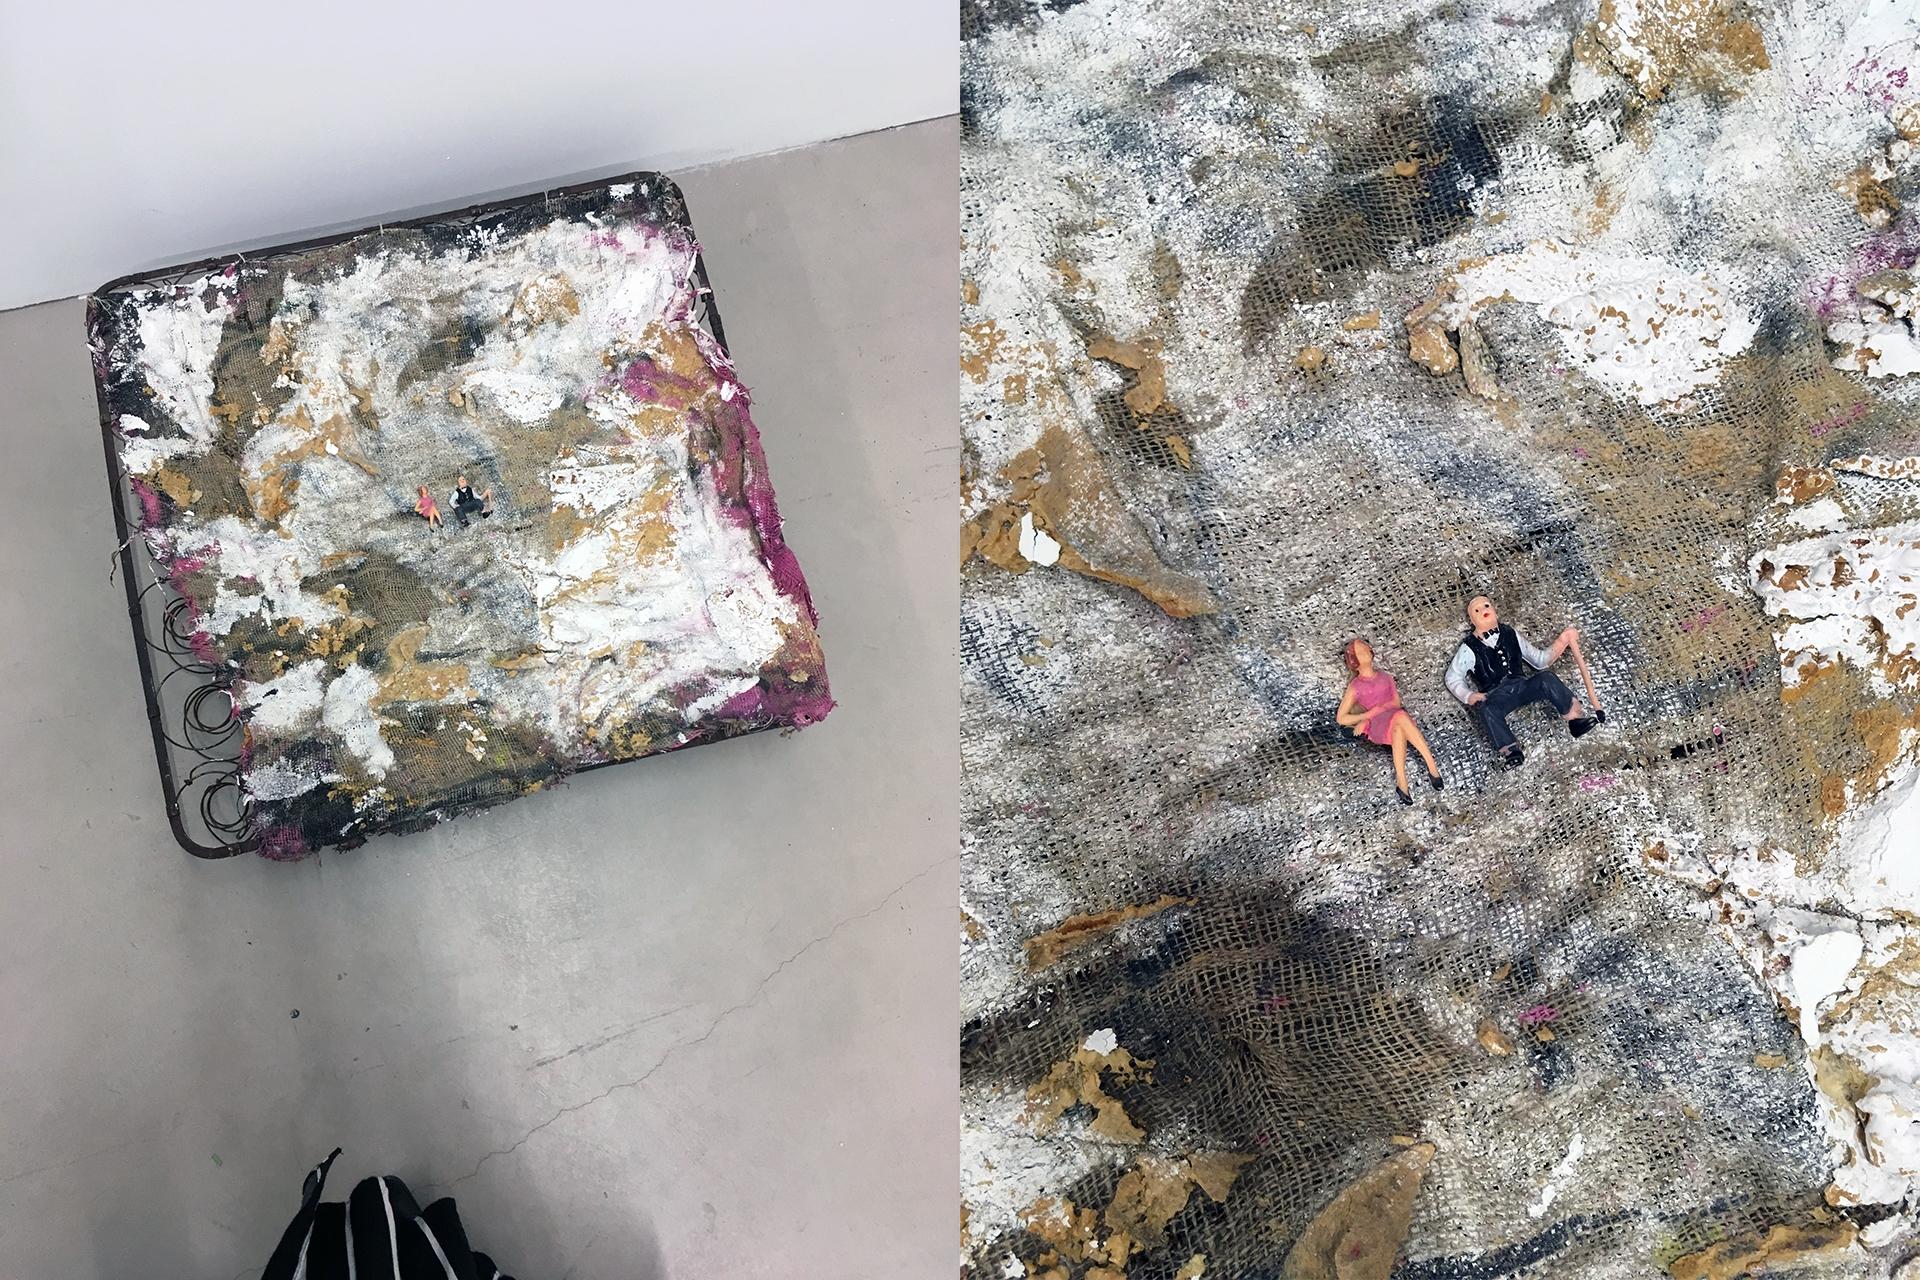 Obraz przedstawia dwa zdjęcia. Na pierwszym widzimy małe plastikowe ludziki leżące na pomalowanej farbą powierzchni. Drugie zdjęcie jest zbliżeniem pierwszego.